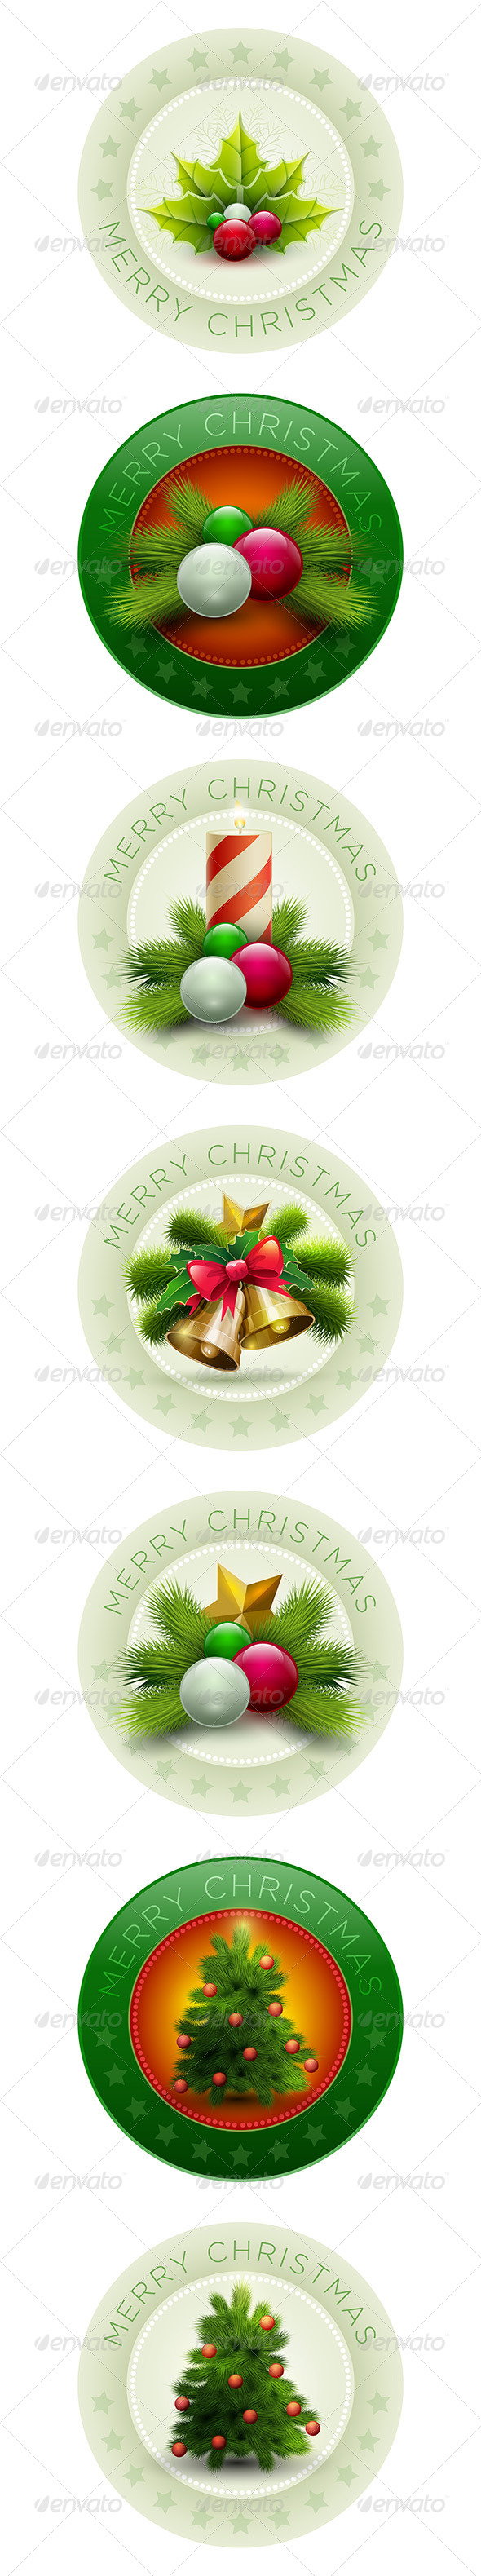 Christmas Badge Collection - Christmas Seasons/Holidays